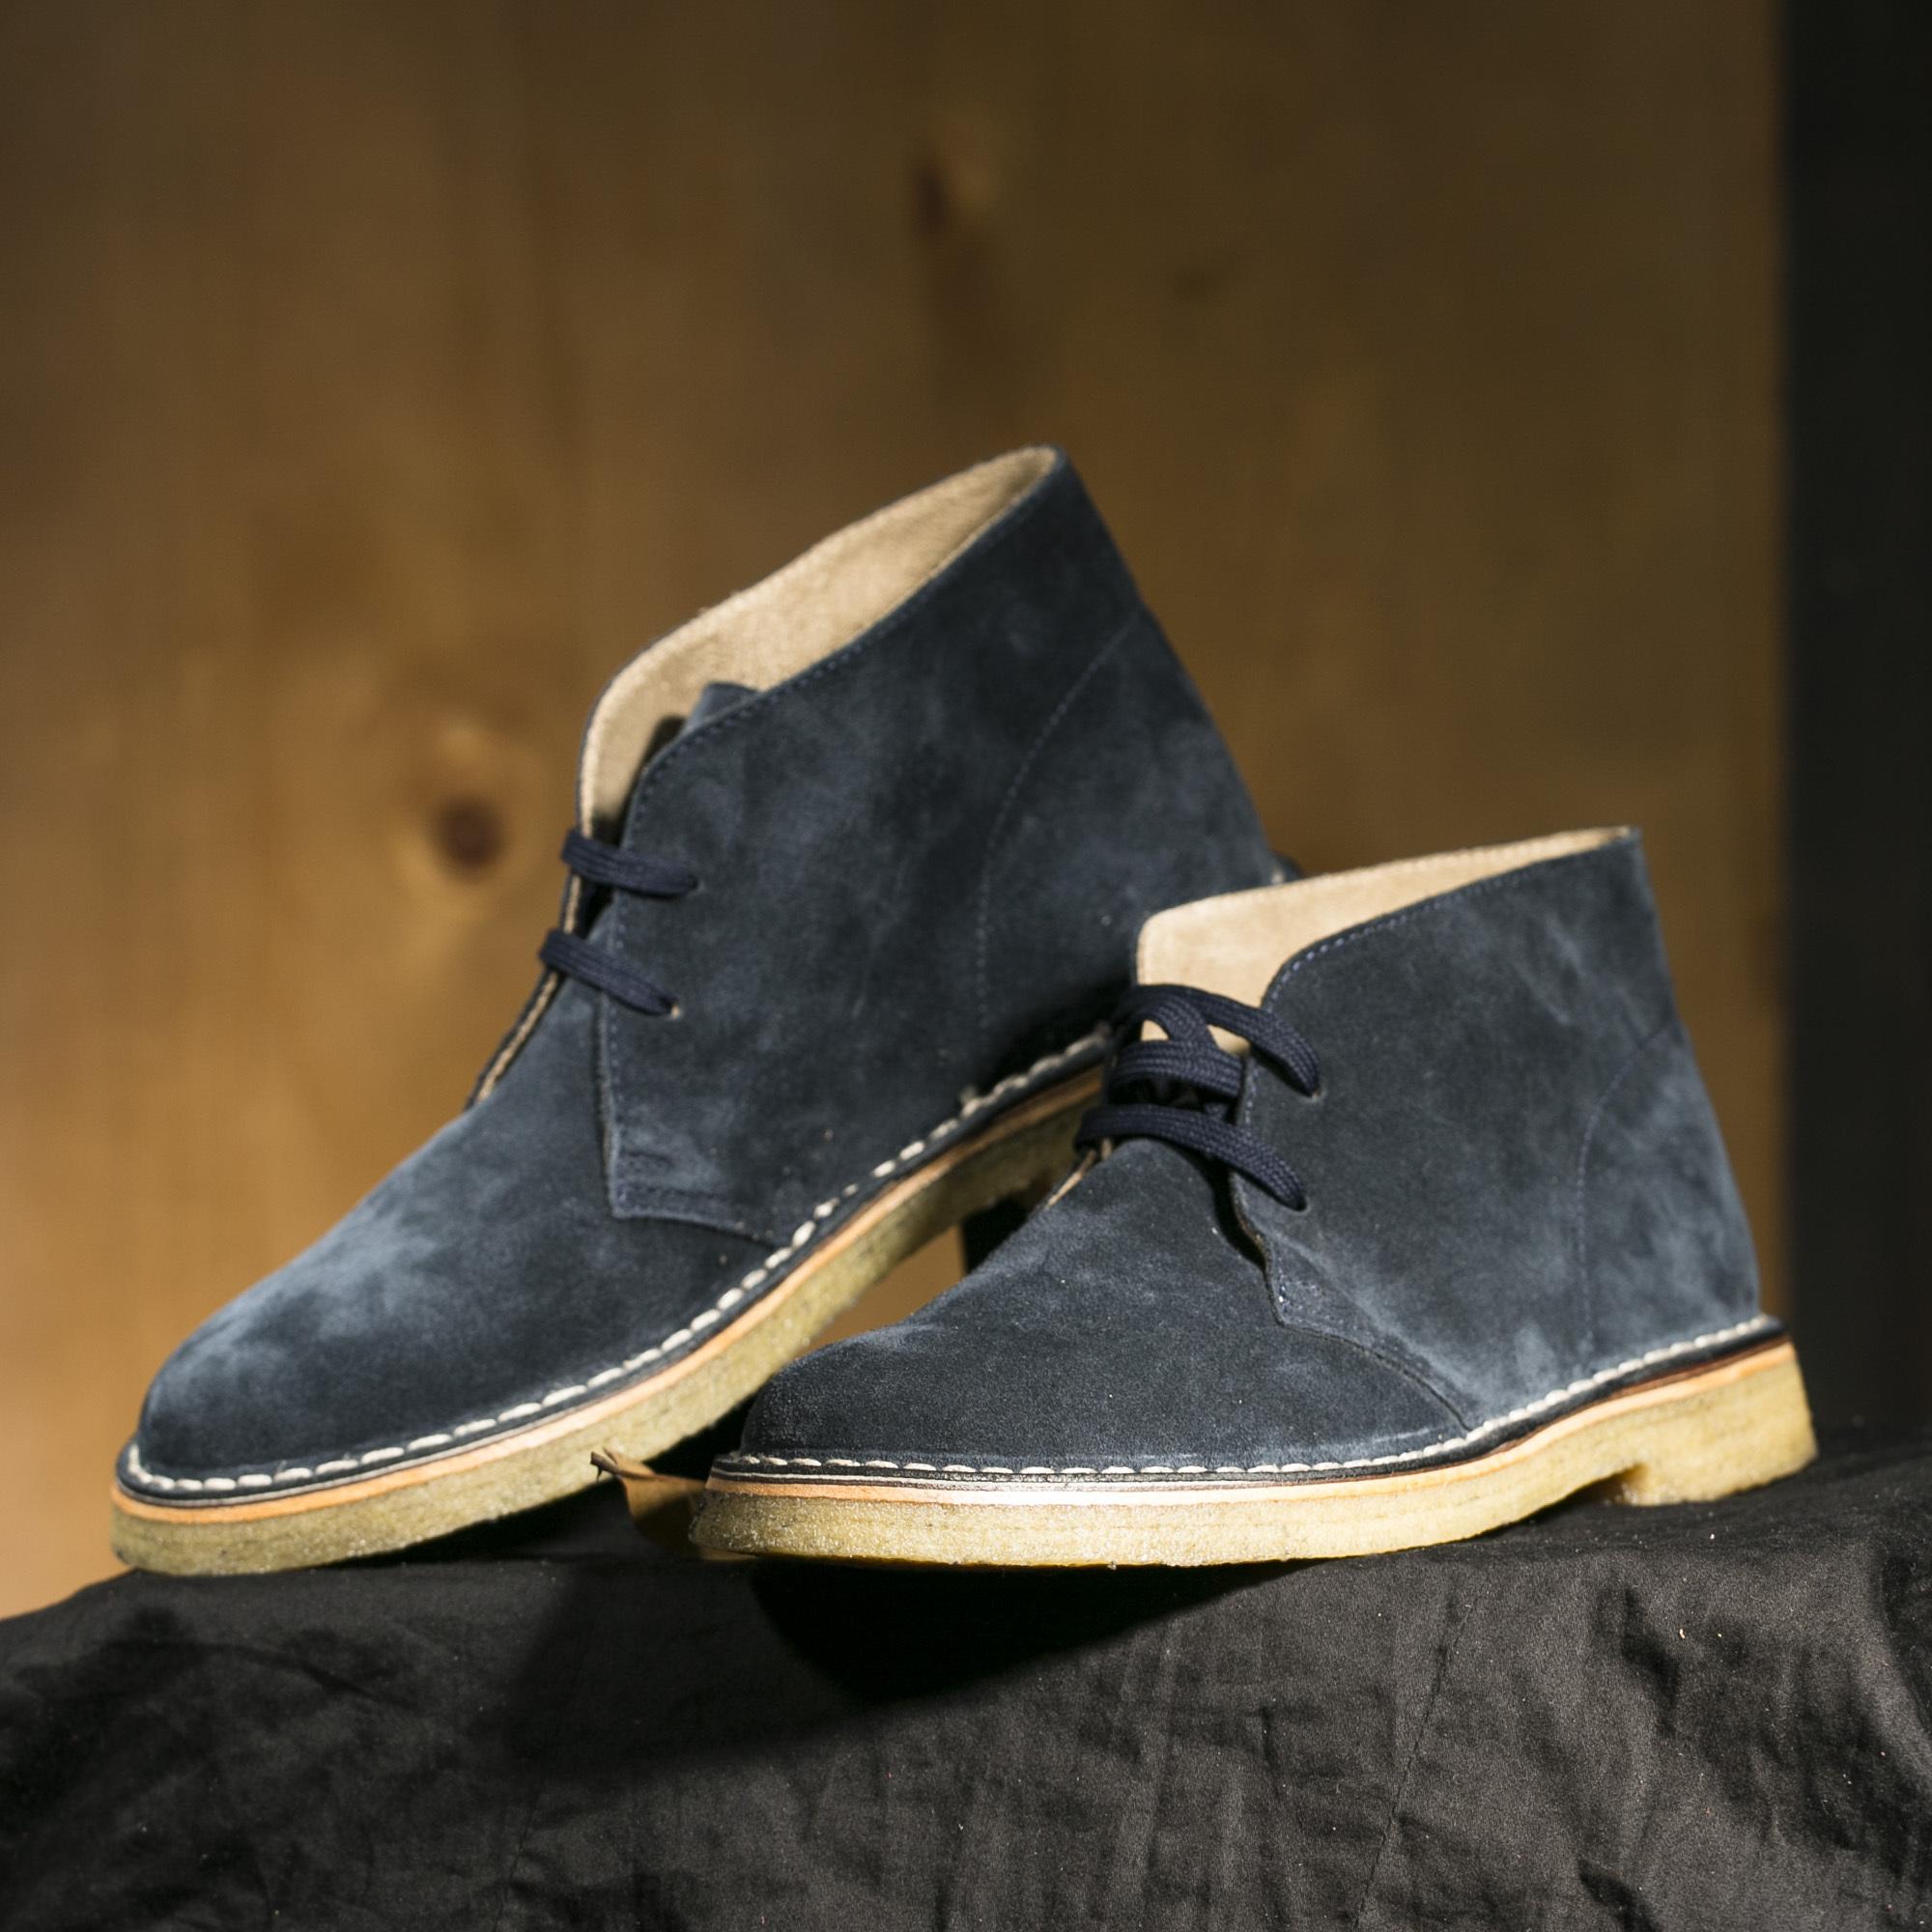 意大利原产alico 阿里克都市商务休闲翻绒小牛皮鞋男士 深蓝 42.5